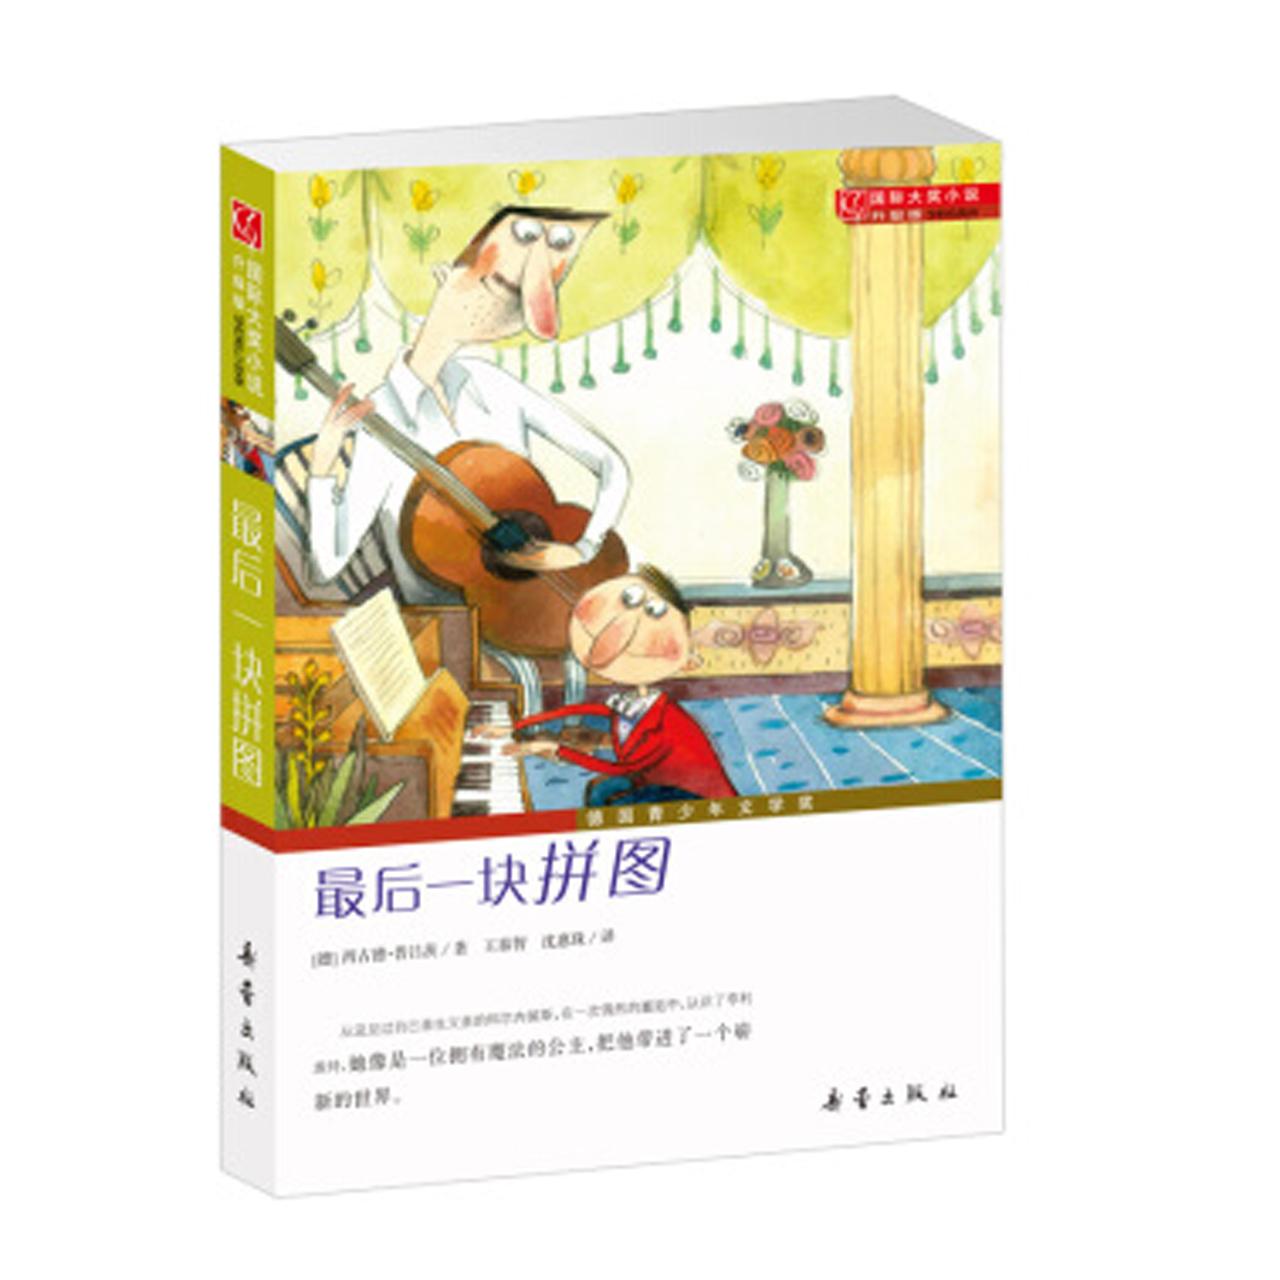 最后一块拼图【儿童小说/青少年读物/儿童文学】